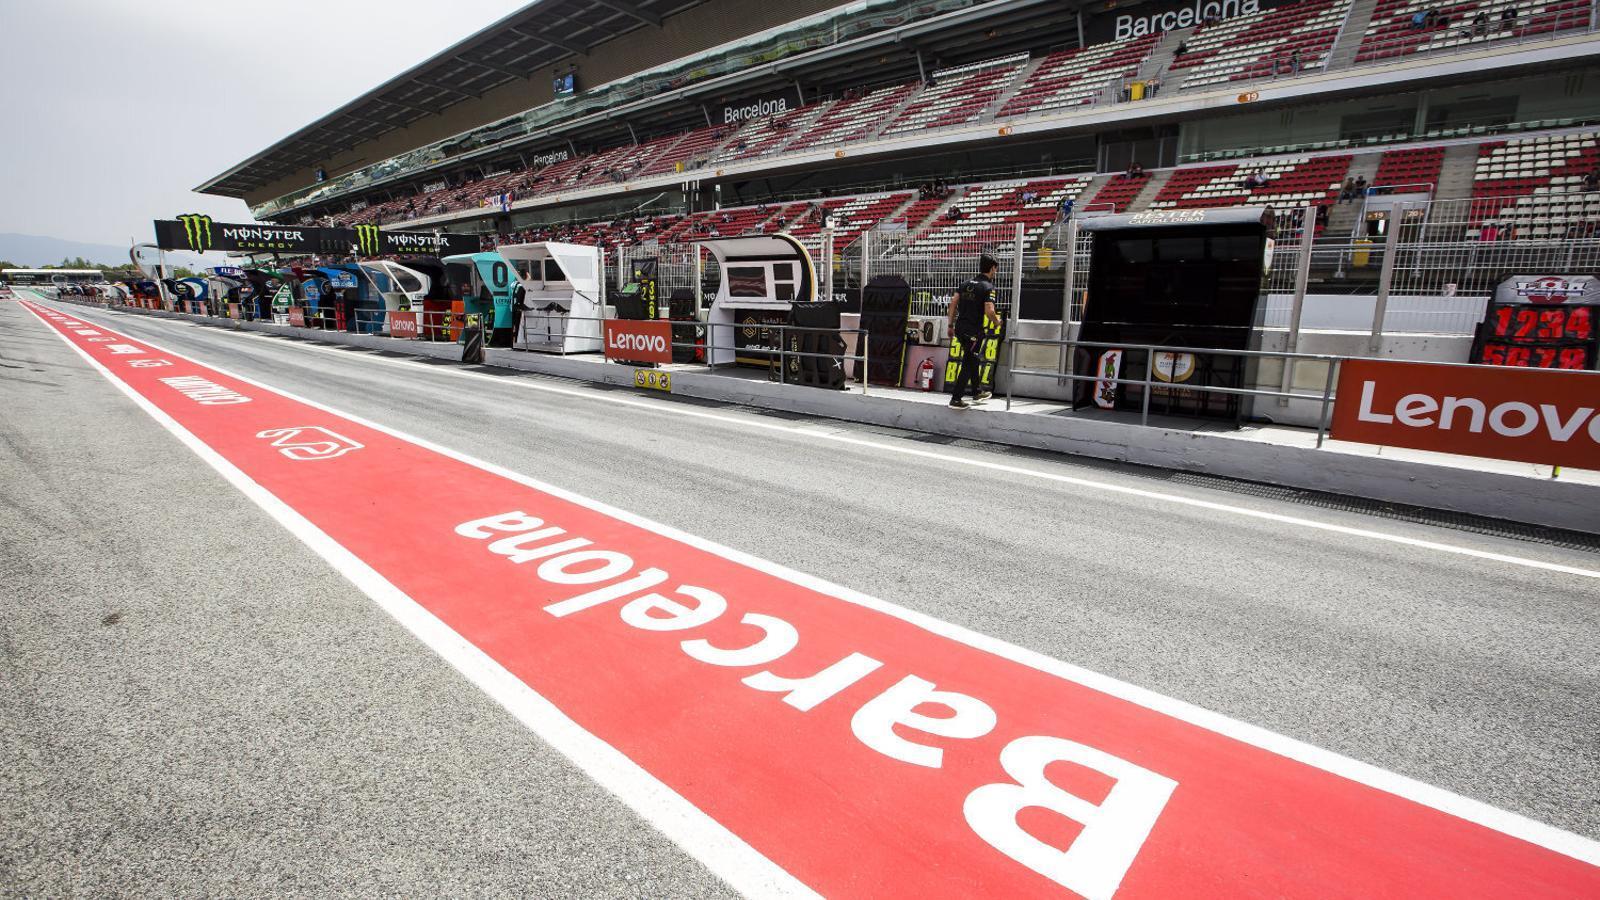 Des del 2009 el Circuit de Catalunya acumula 82 milions d'euros de pèrdues i continua sense un pla de negoci per fer-lo viable.